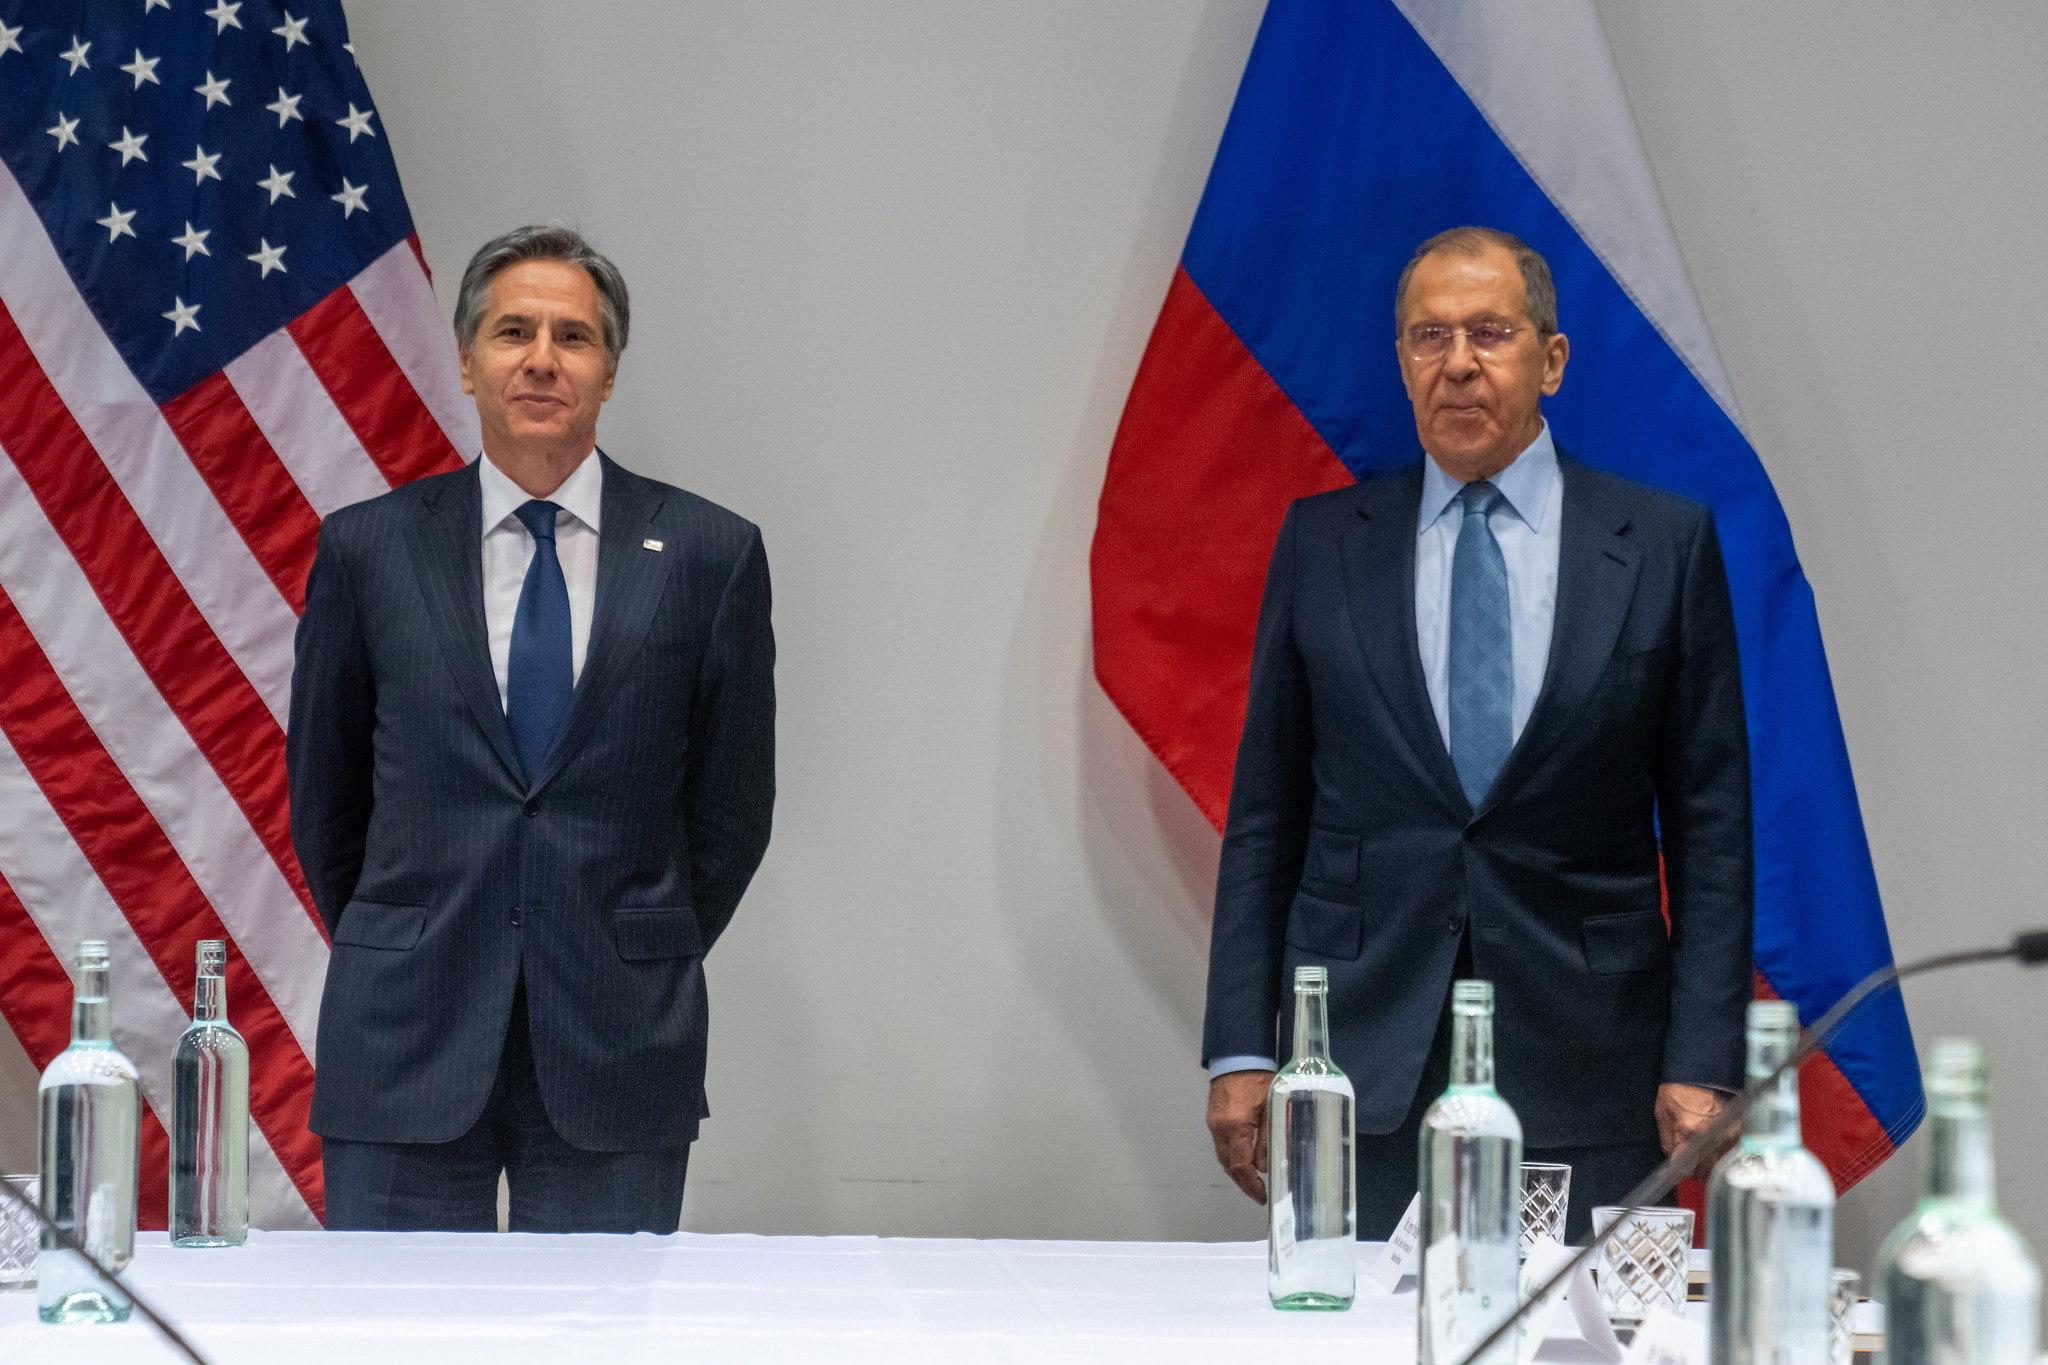 El secretario de Estado de EEUU, Antony Blinken, con el ministro de Exteriores ruso, Sergei Lavrov.